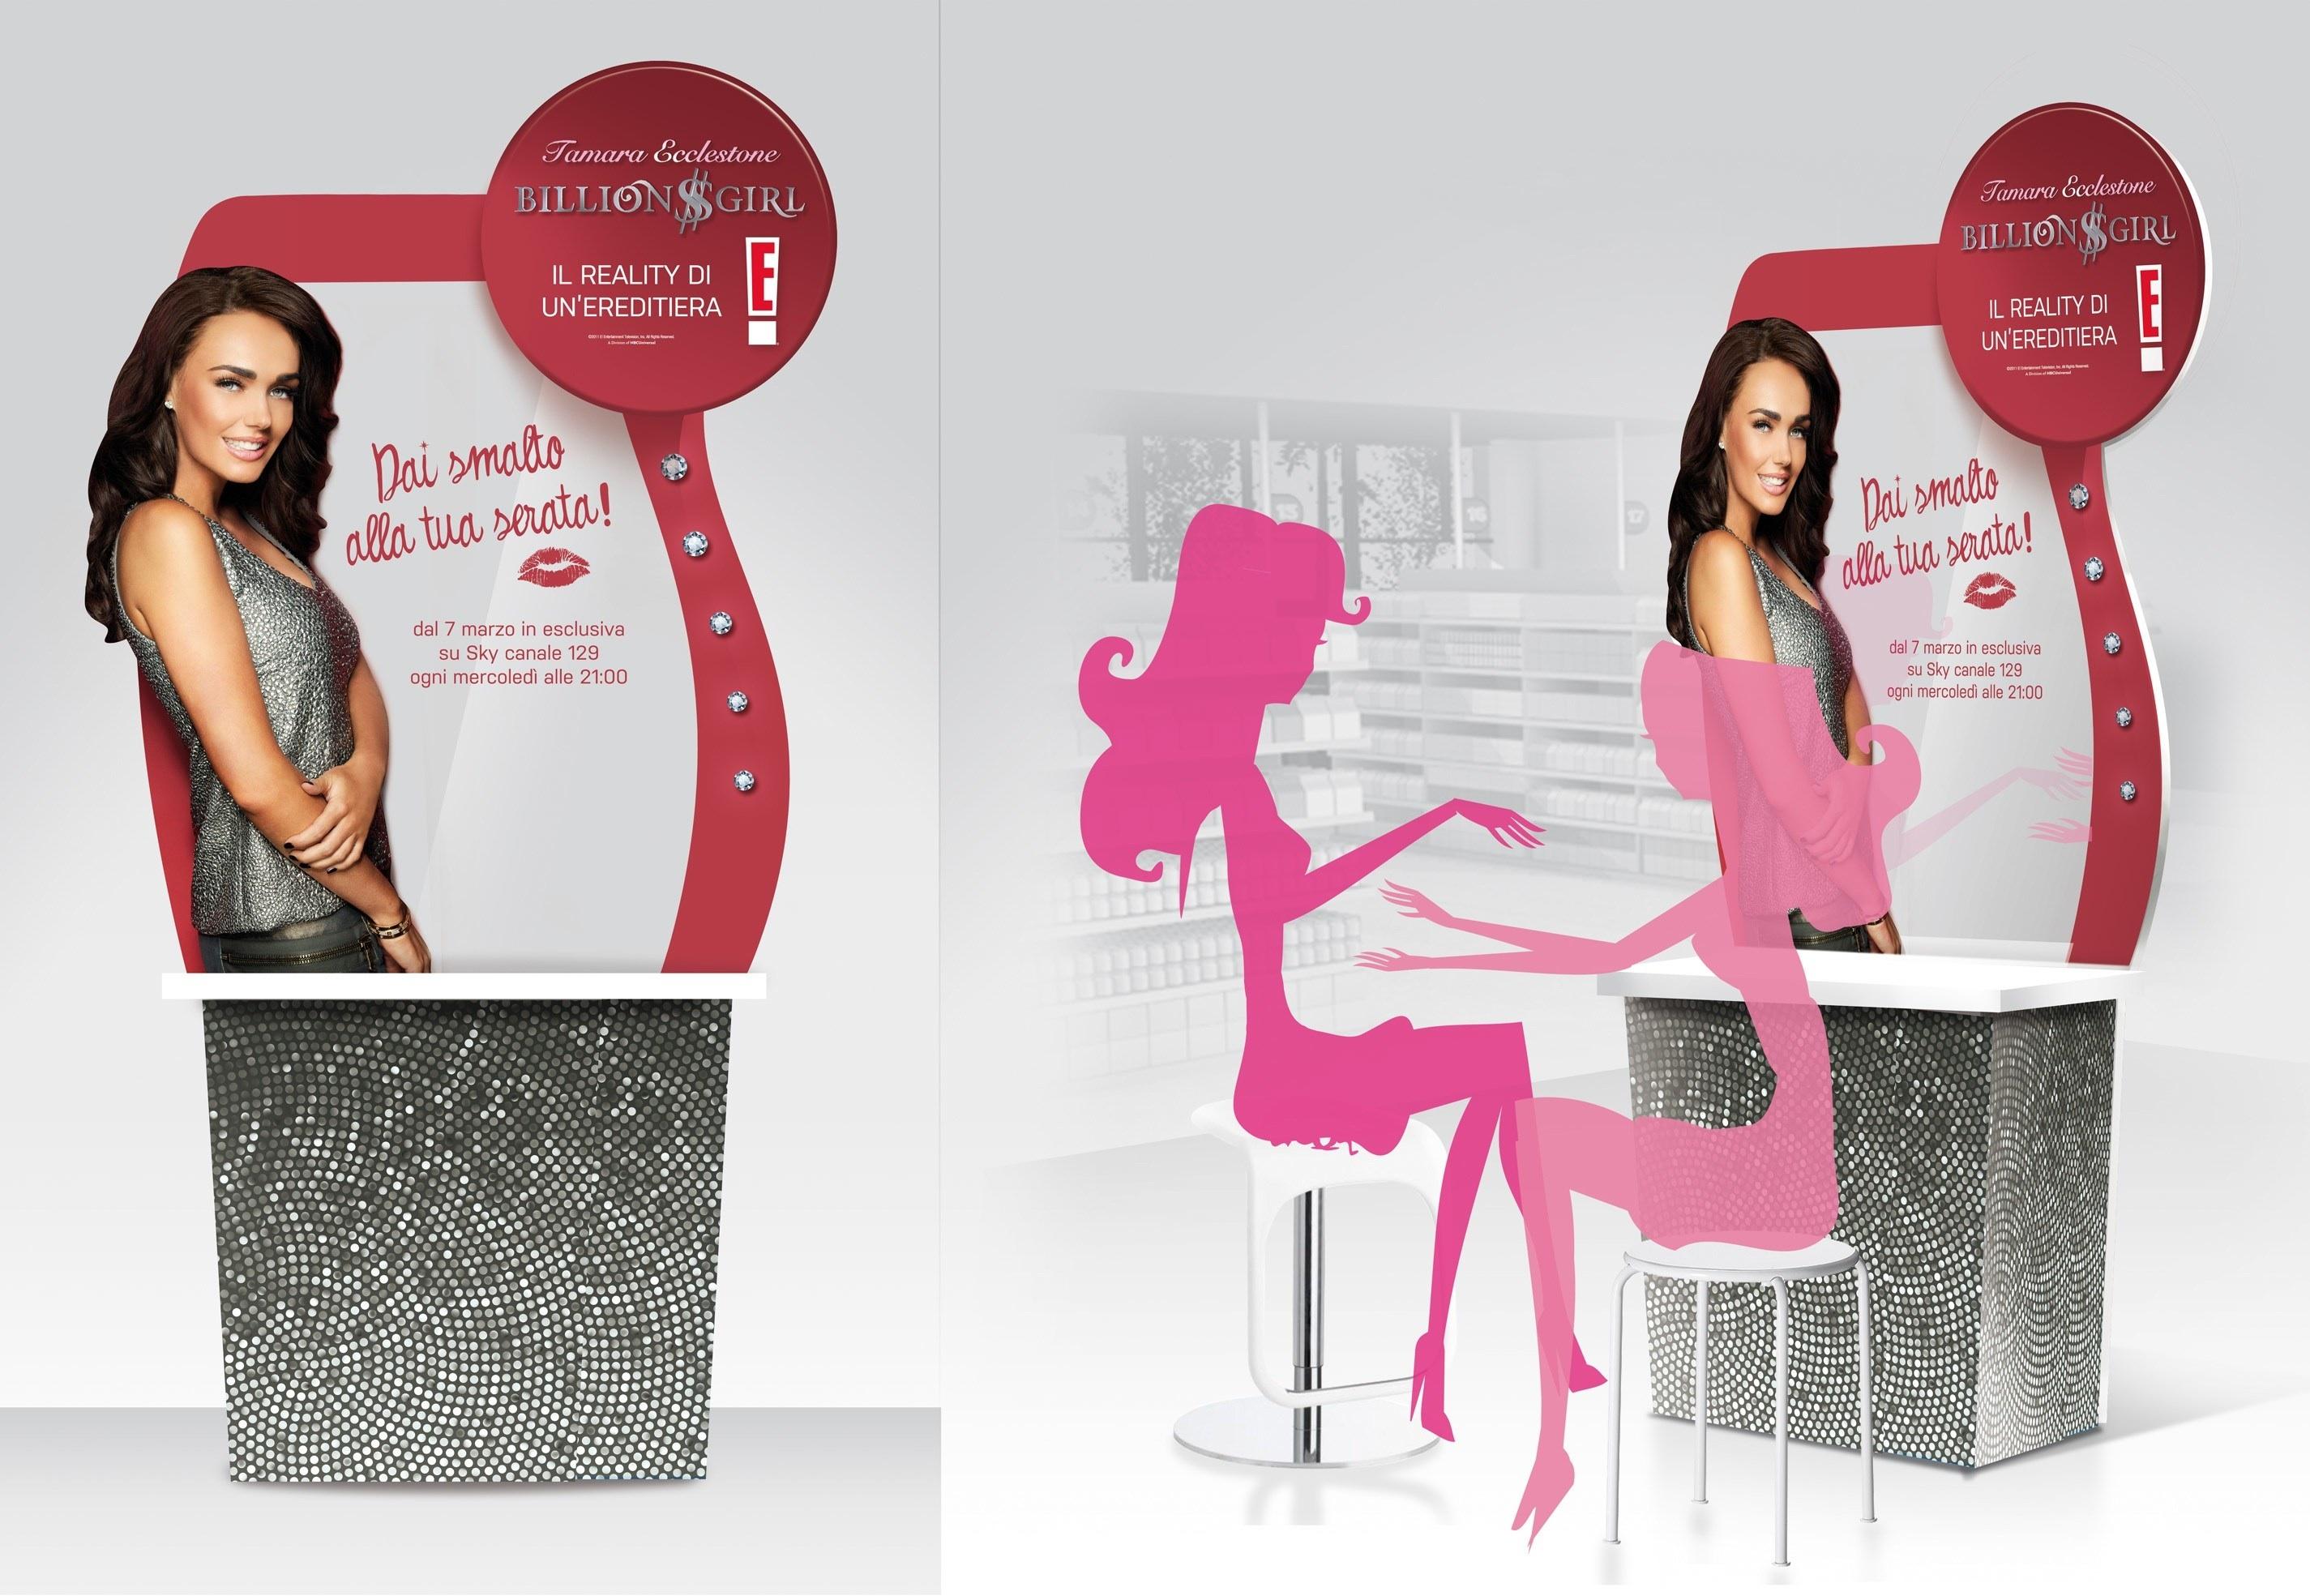 Manicure da ereditiera, l'idea di Essence per il lancio del reality show di Tamara Ecclestone